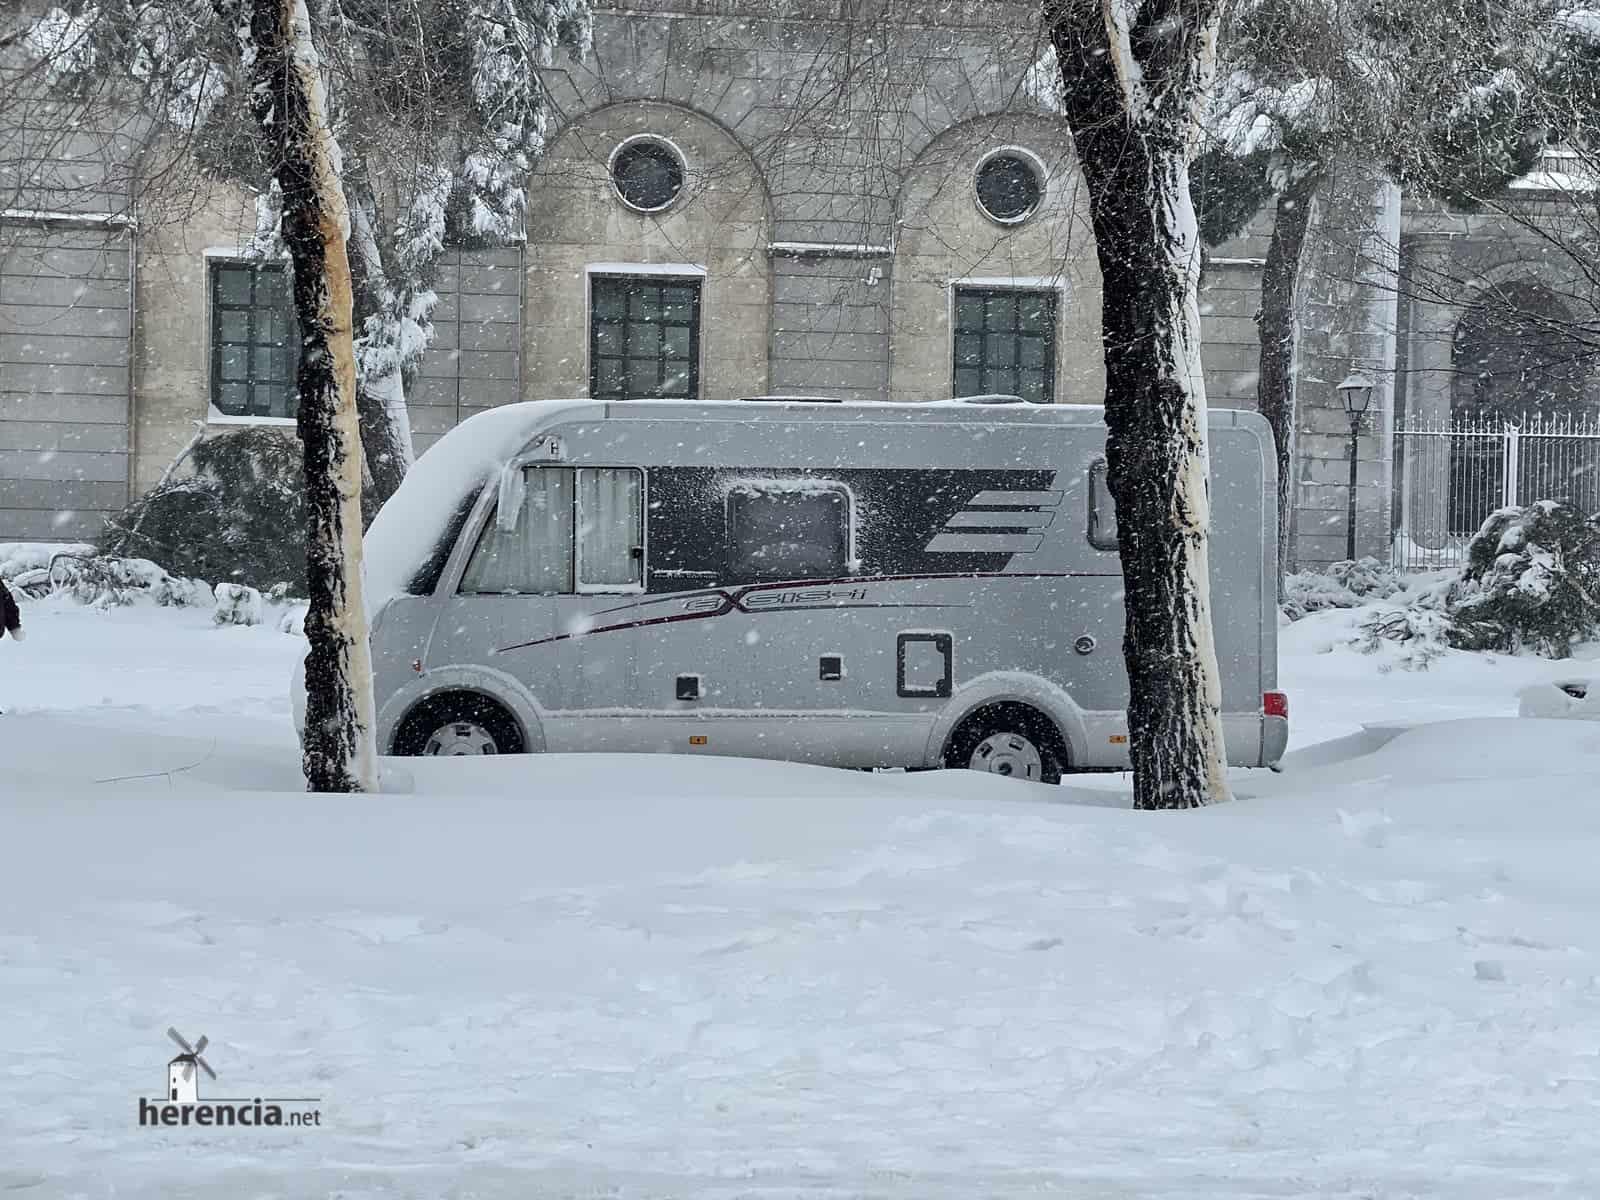 Fotografías de la nevada de enero en Madrid (España) 207